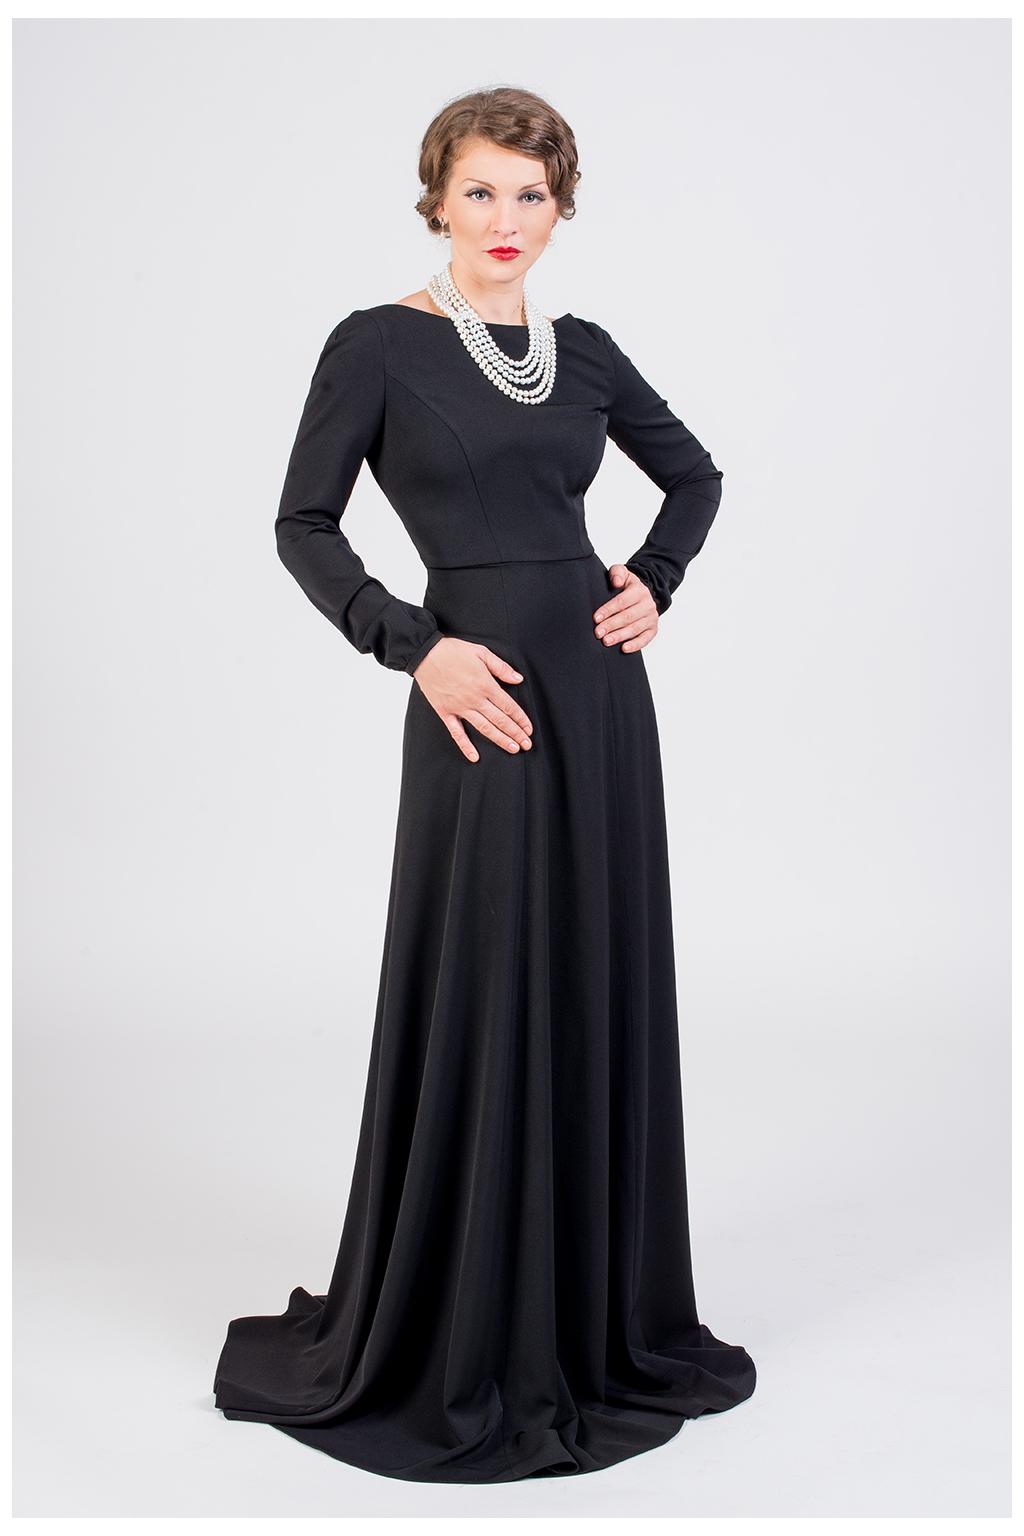 Dlouhé společenské šaty černé · Dlouhé společenské šaty černé 08a454edb7